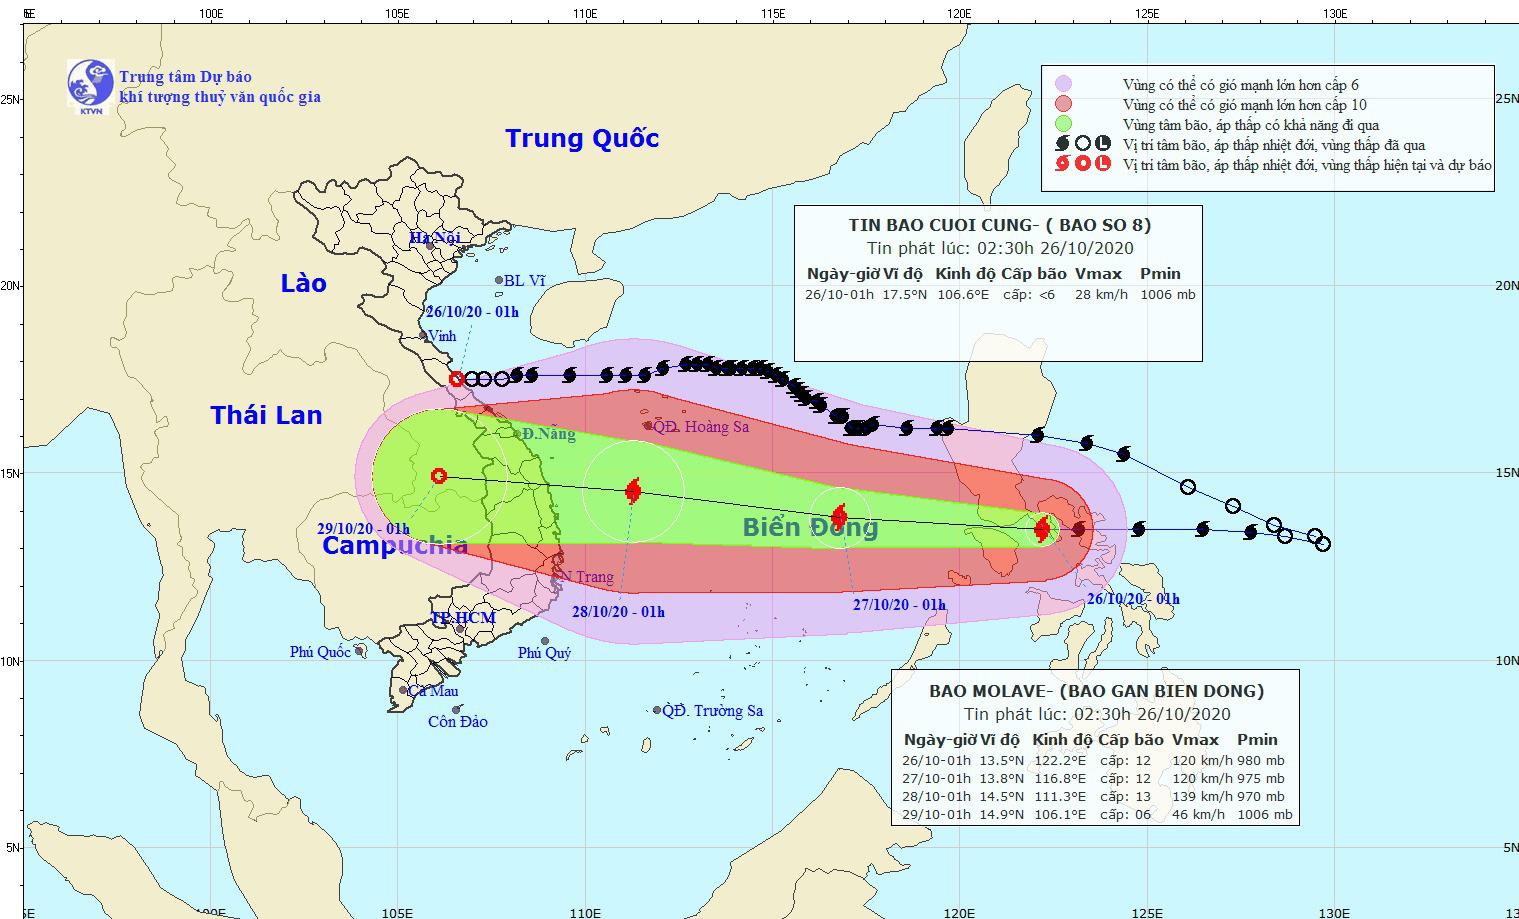 Sáng nay, bão Molave vào biển Đông, giật cấp 14 - Ảnh 1.